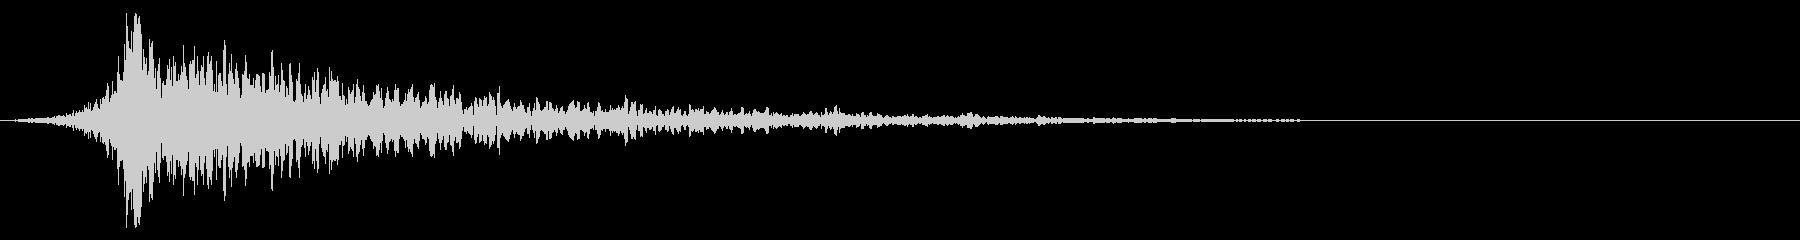 シュードーン-33-1(インパクト音)の未再生の波形